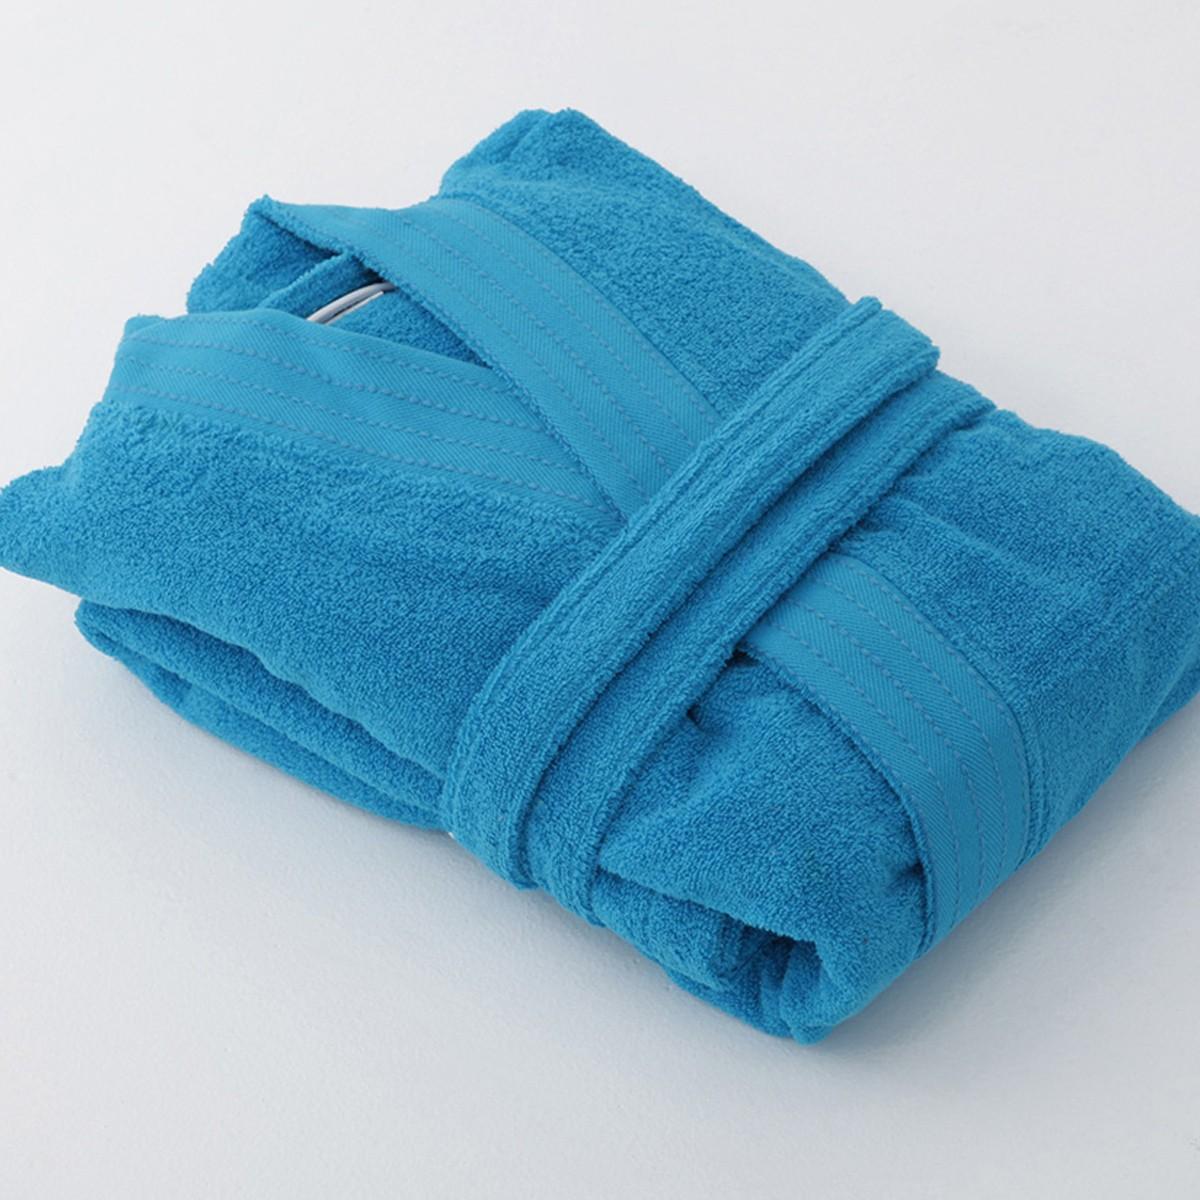 Μπουρνούζι Με Γιακά Sb Concept Designer Turquoise SMALL SMALL